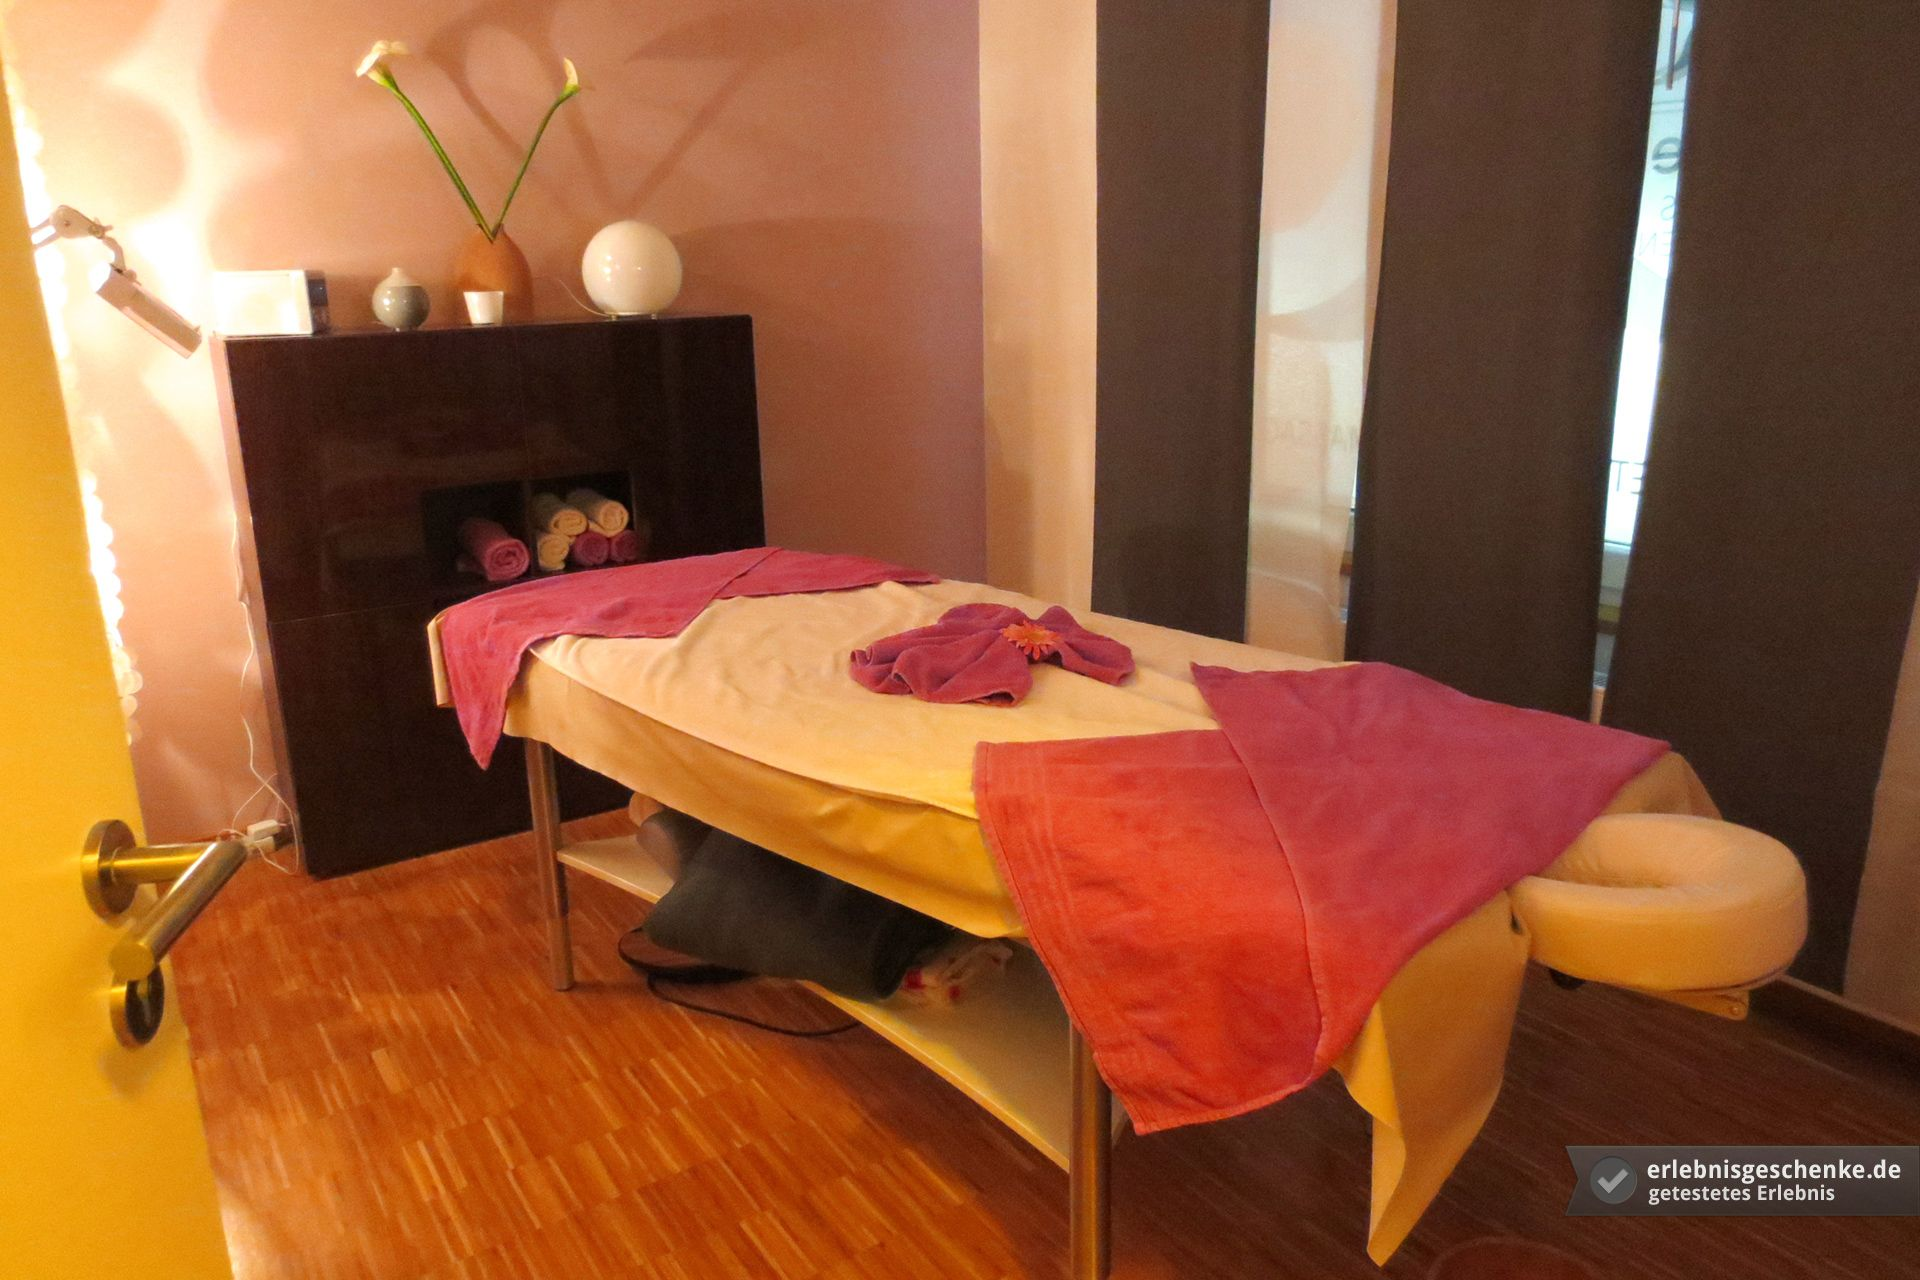 Schlafzimmer warme farben  warme farben fürs schlafzimmer - 28 images - de pumpink dunkles ...